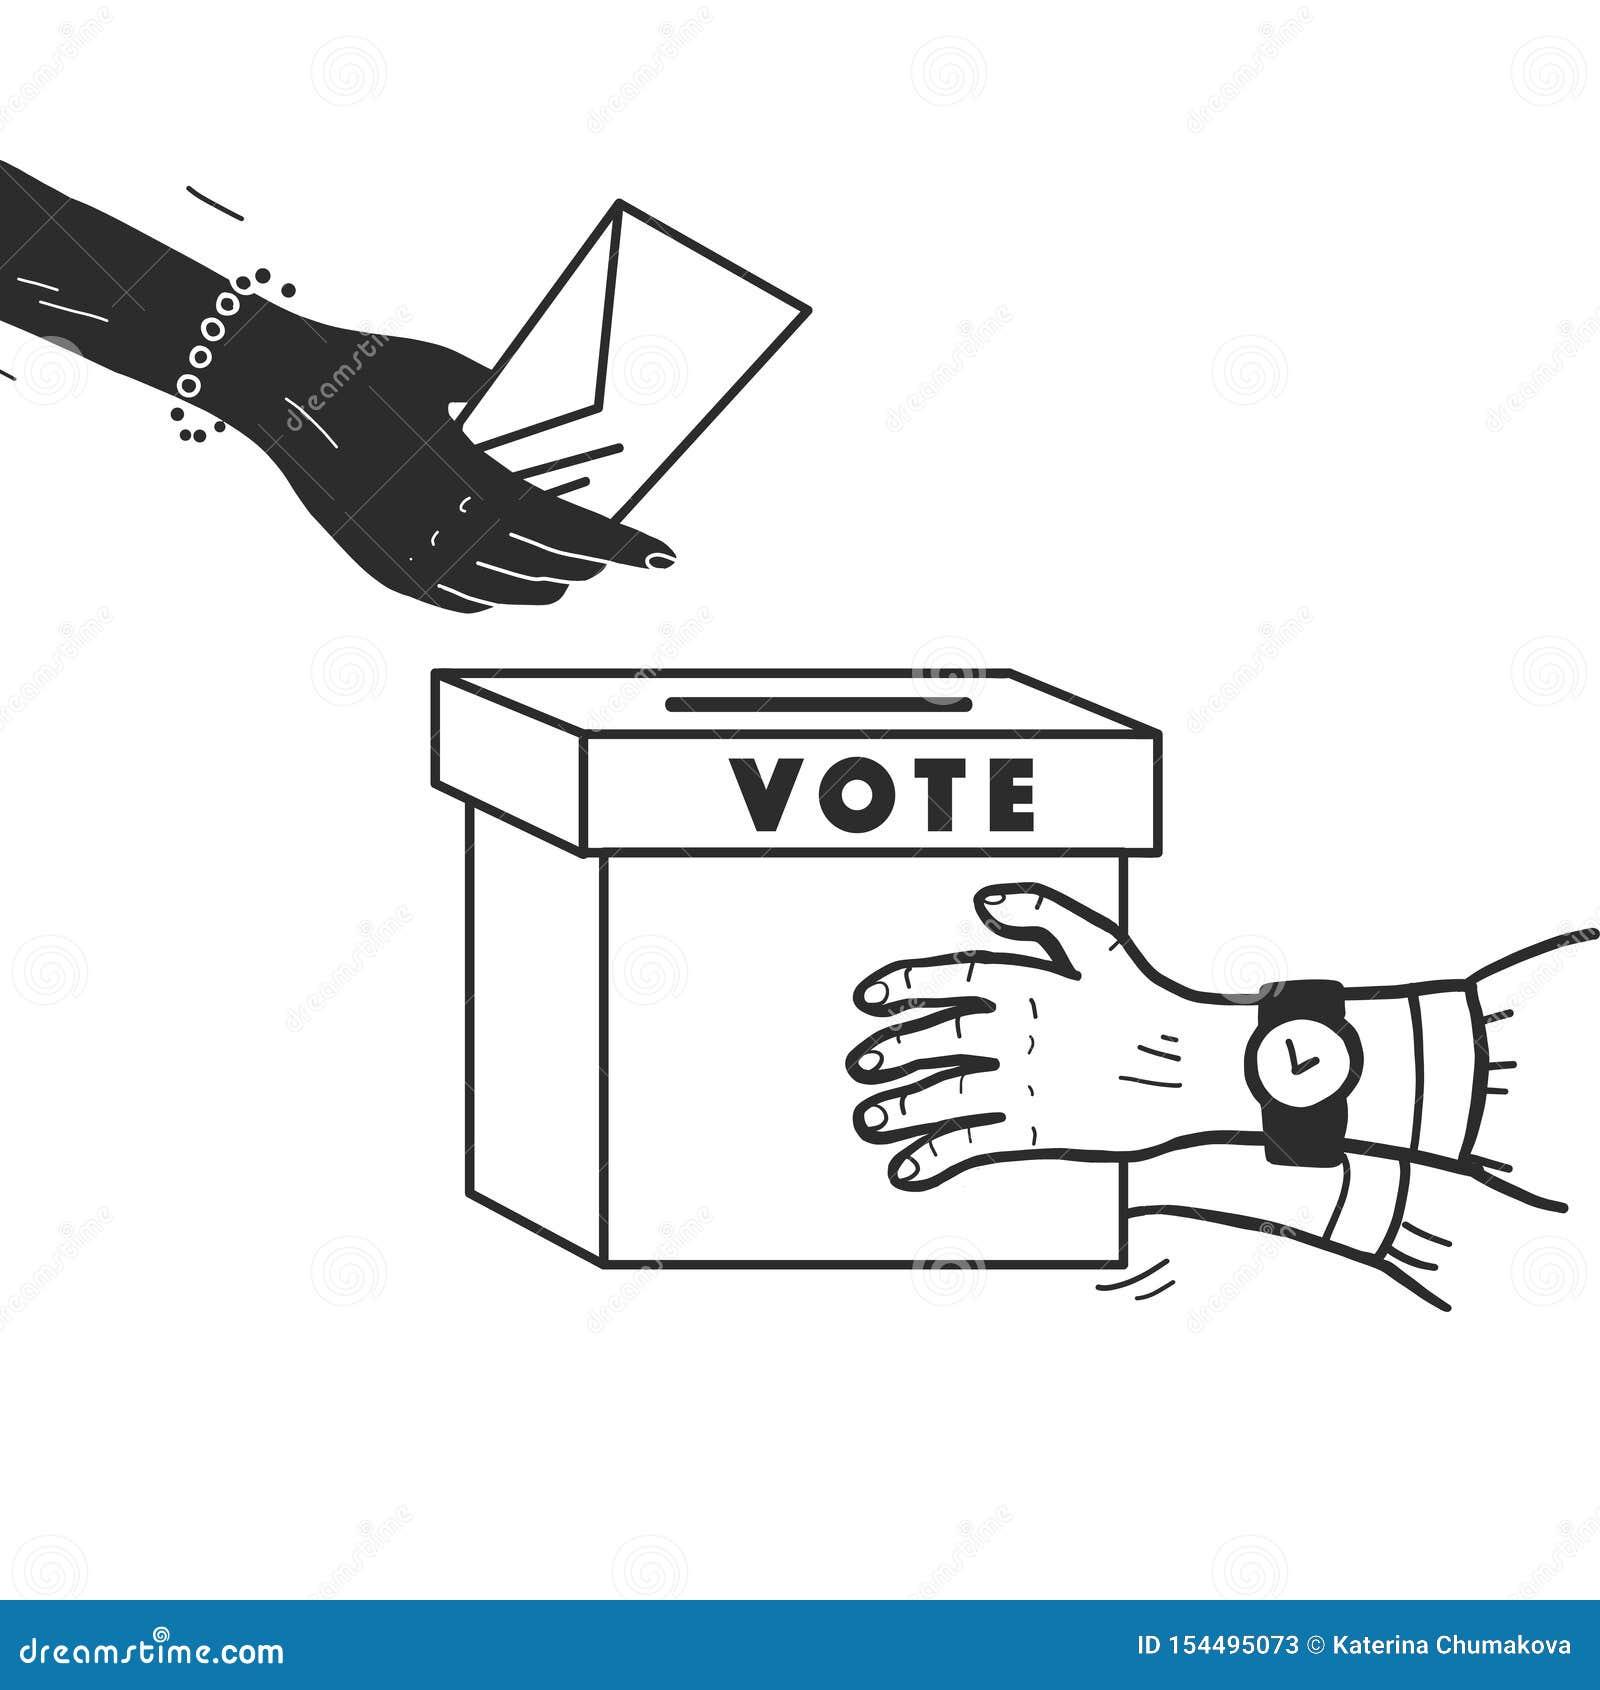 Ejemplo del voto del vector con las manos humanas, el boletín de votación y la caja de votación aislados en el fondo blanco